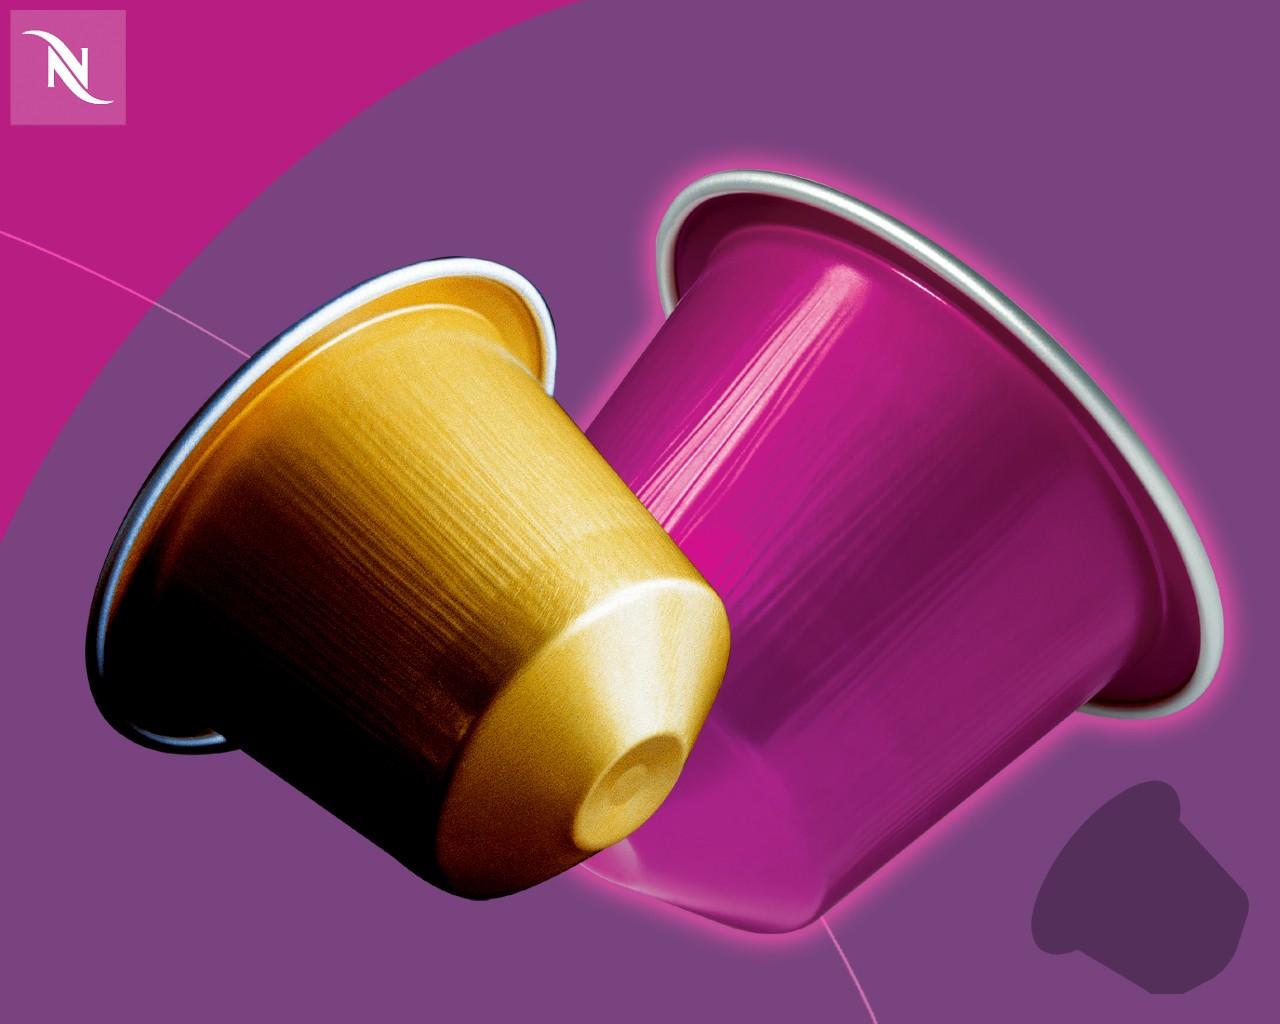 Recicla las capsulas nespresso con Ecolaboration Nestlé